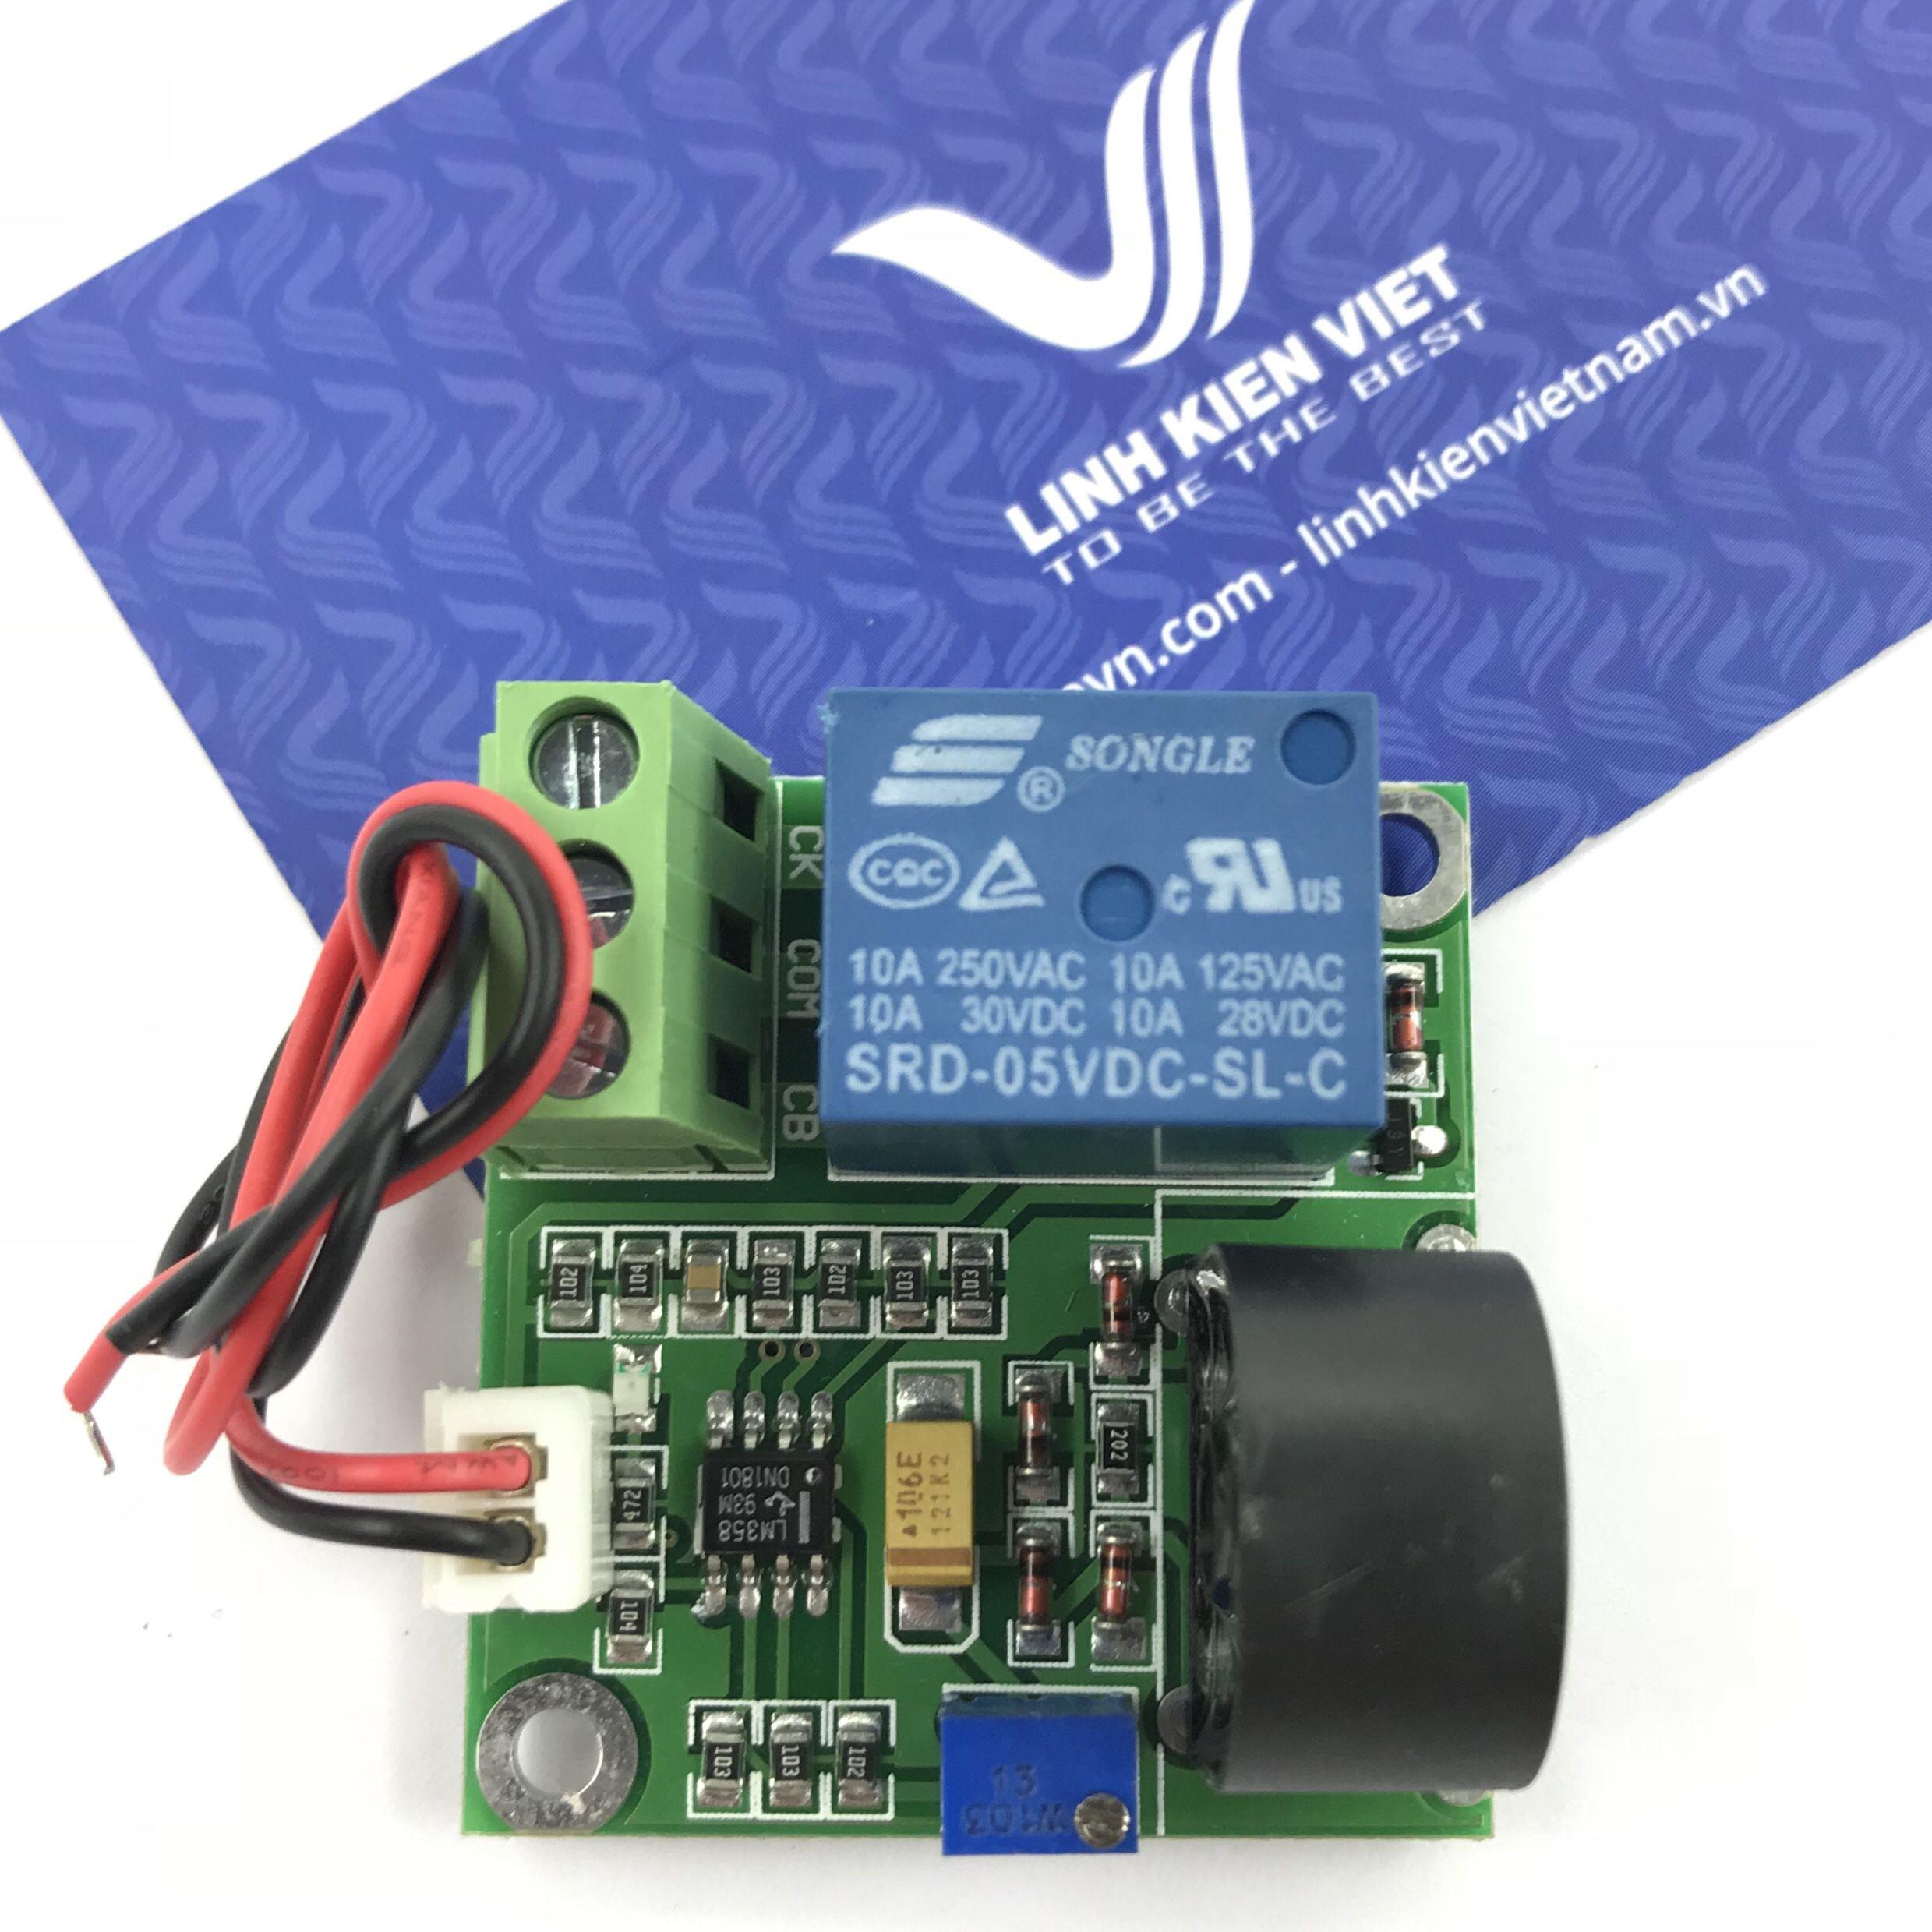 Module cảm biến dòng AC 5A ZMCT103 - S5H10